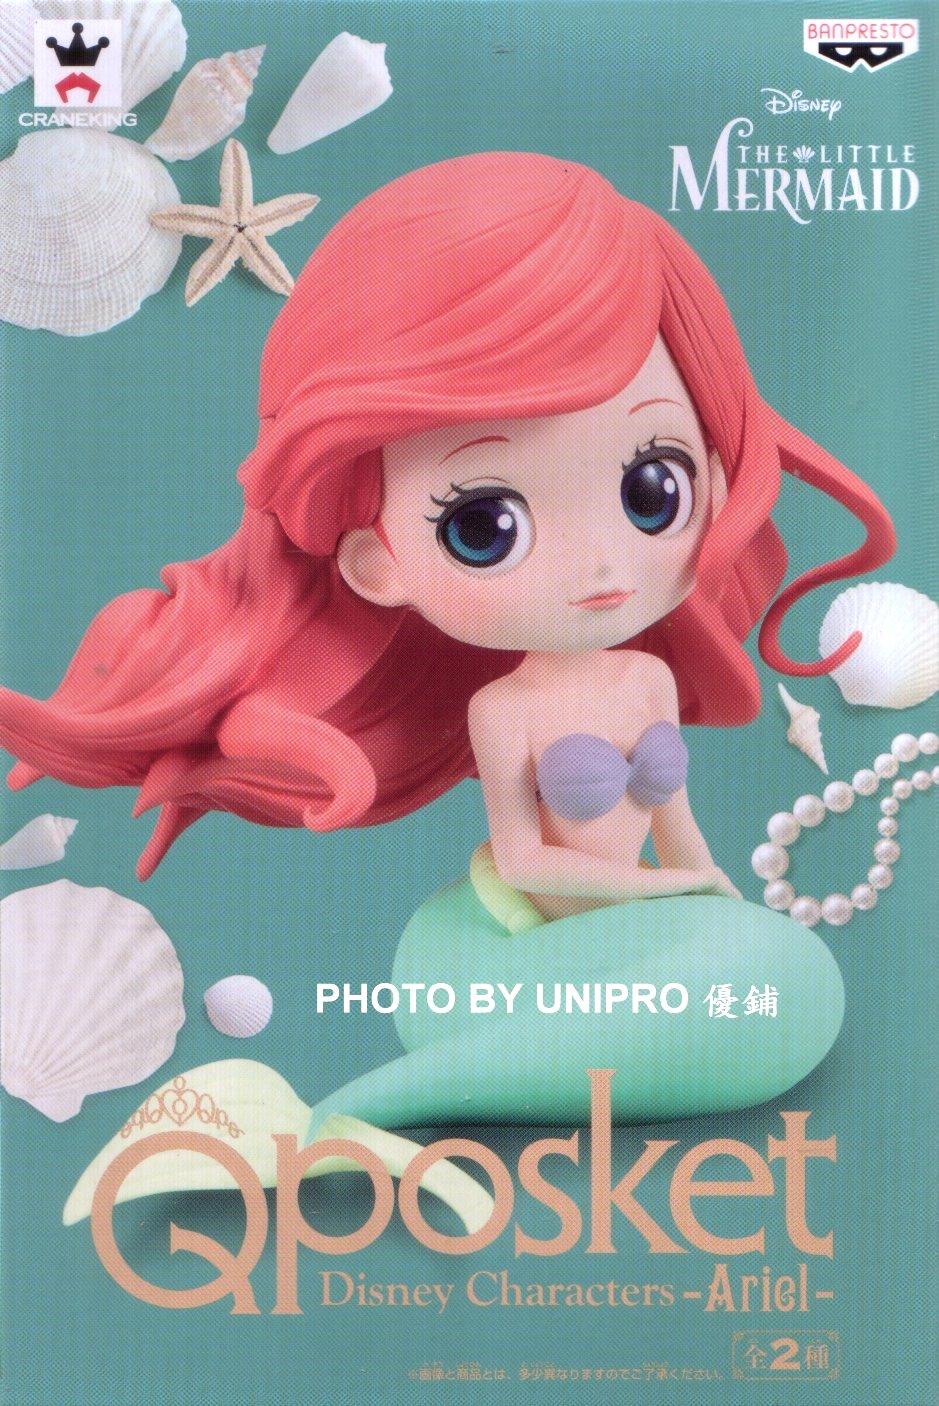 台灣代理版 Q Posket 小美人魚 迪士尼 單售 淡色款 B款 Q posket Disney Characters Ariel 公仔